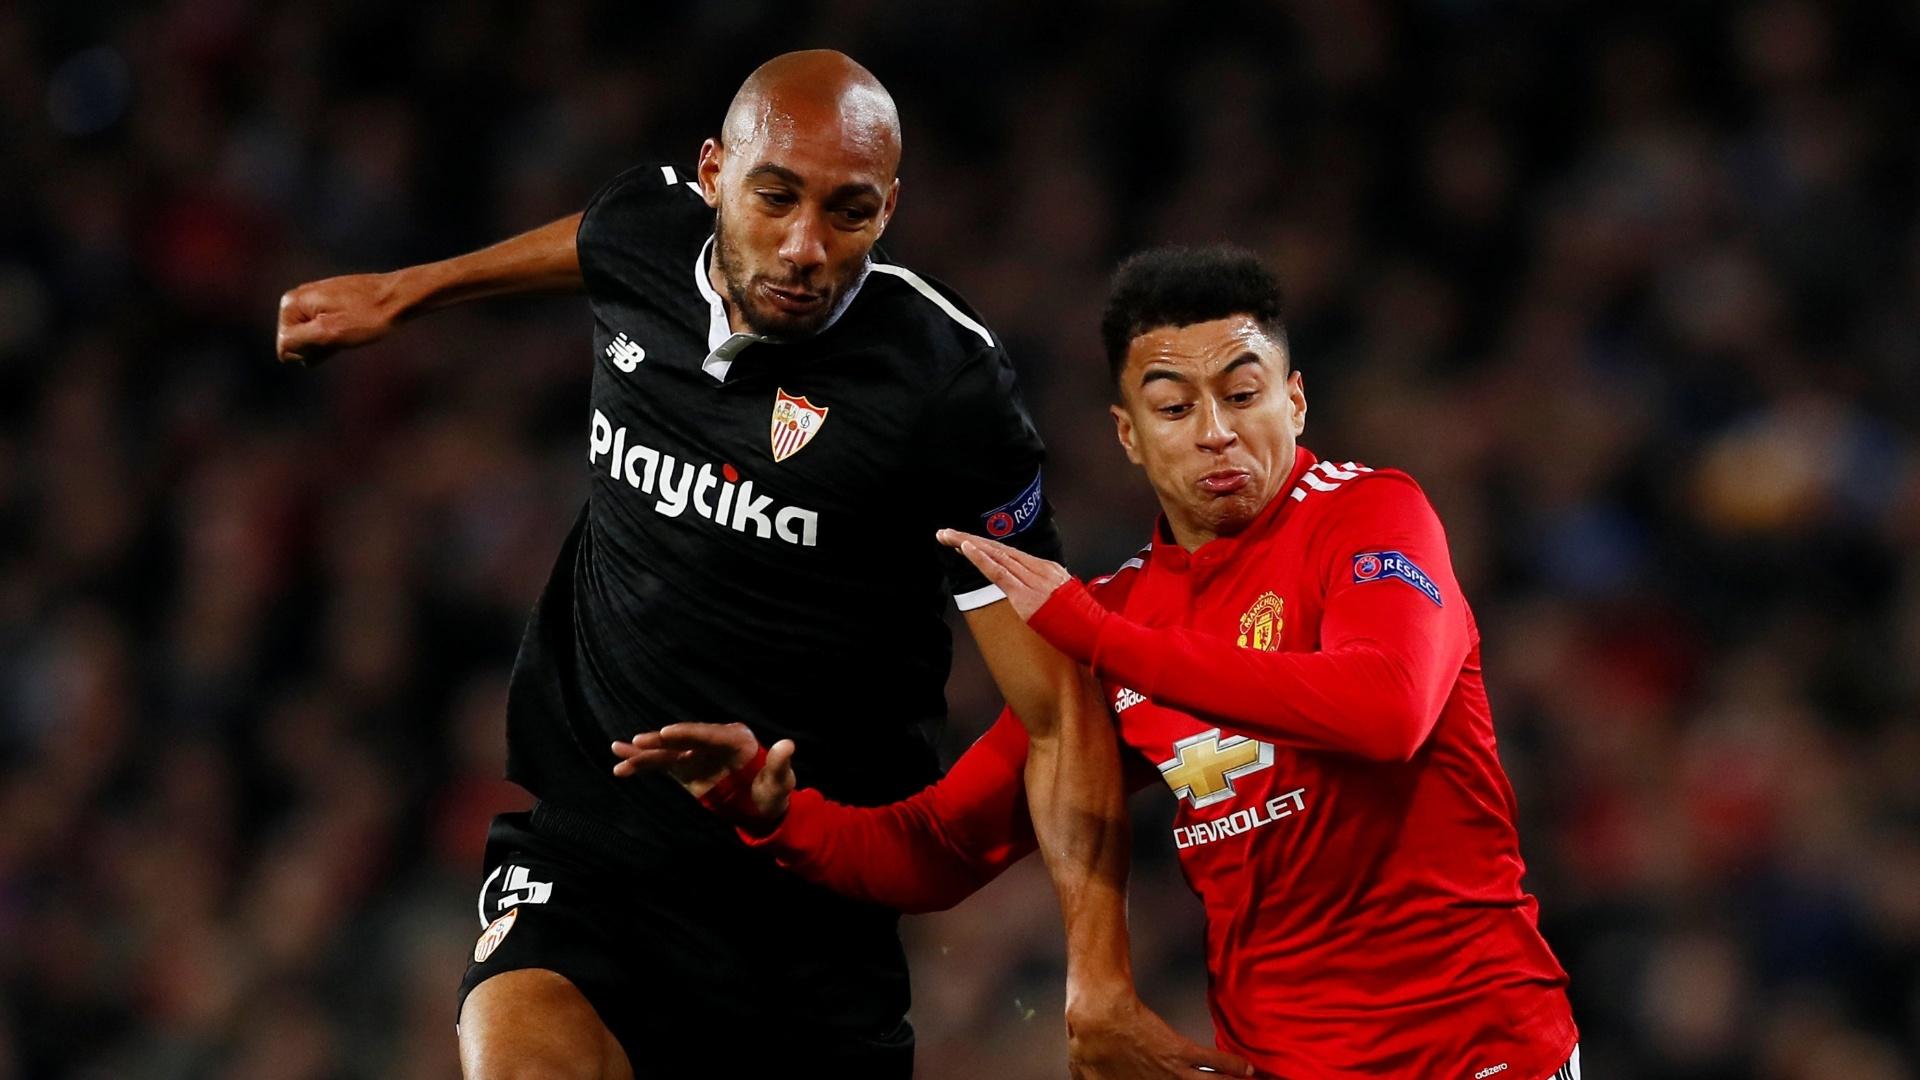 Jesse Lingard e Steven N'Zonzi disputam a bola na partida Manchester United x Sevilla pela Liga dos Campeões 2017/2018